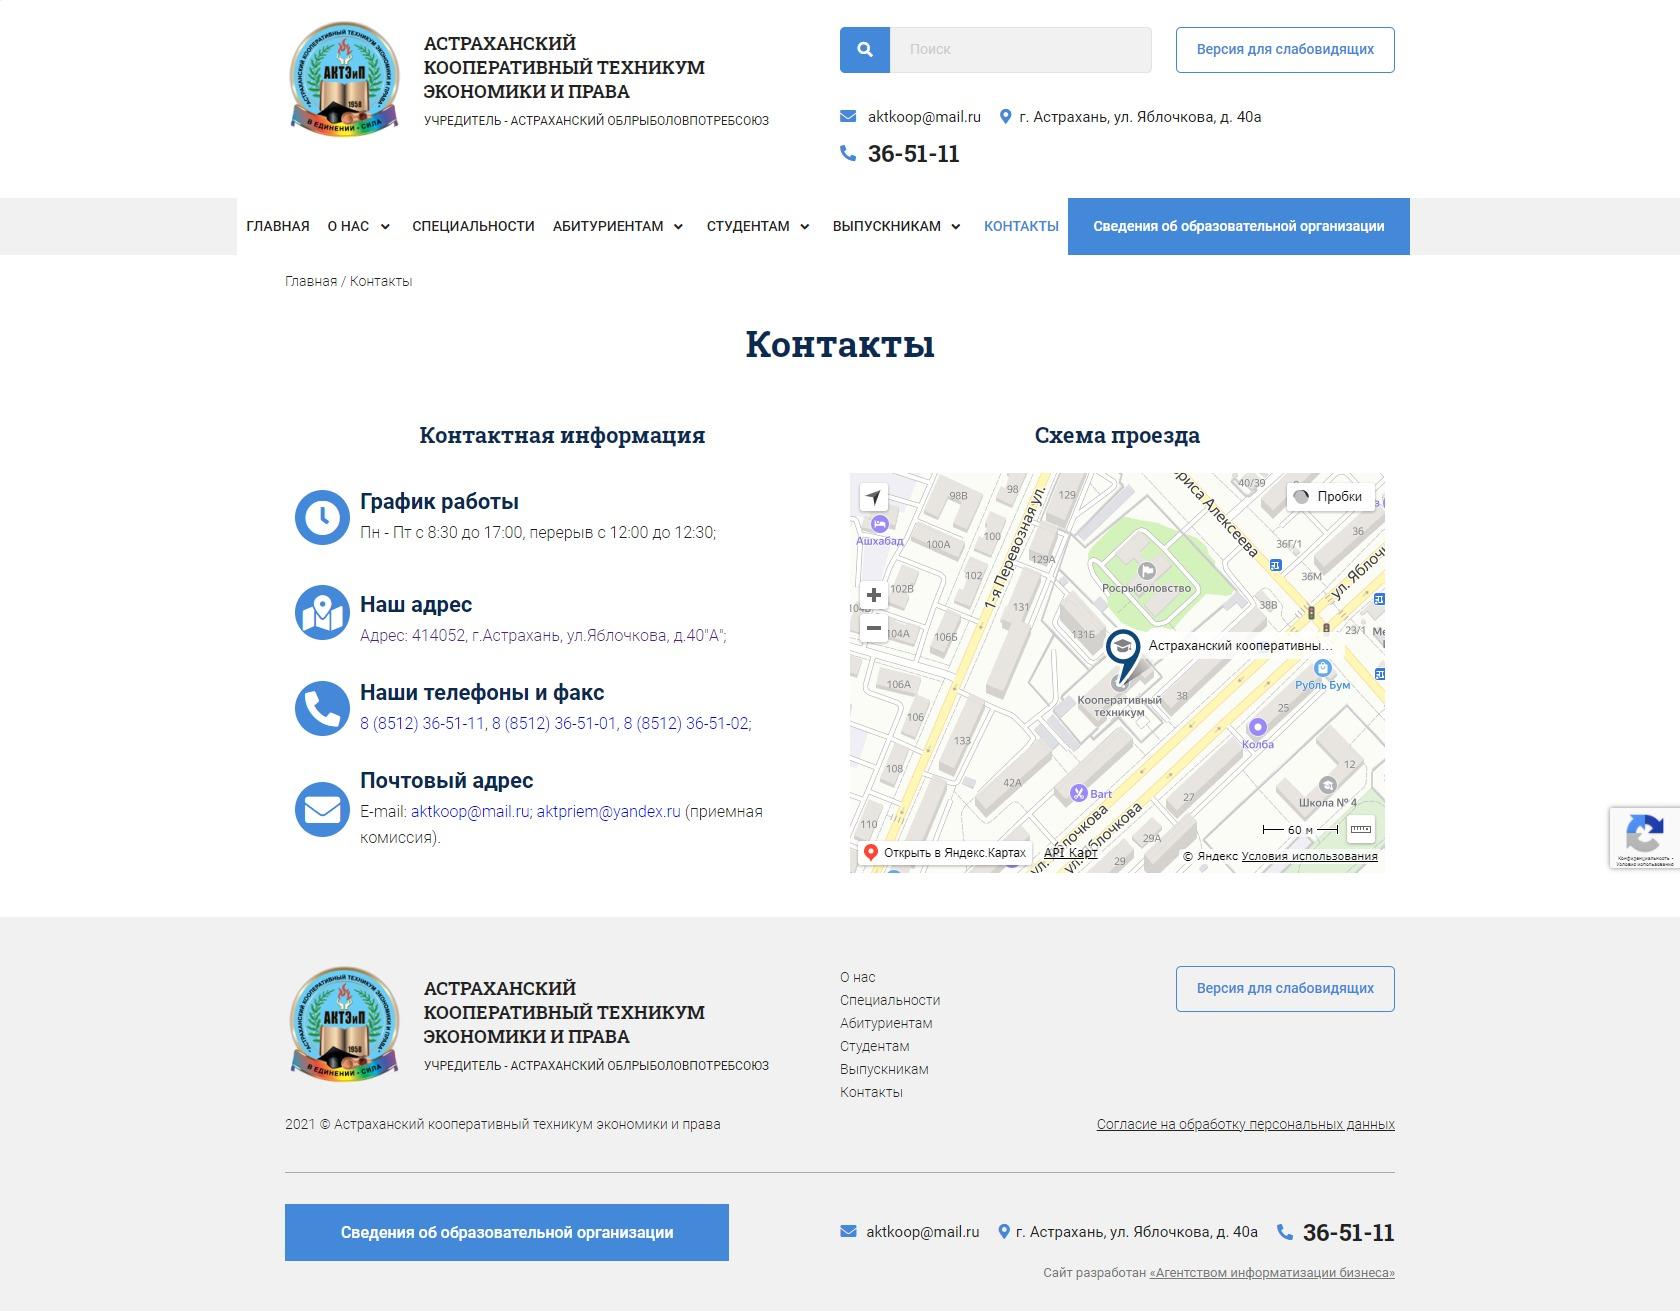 АКТиП-Контакты